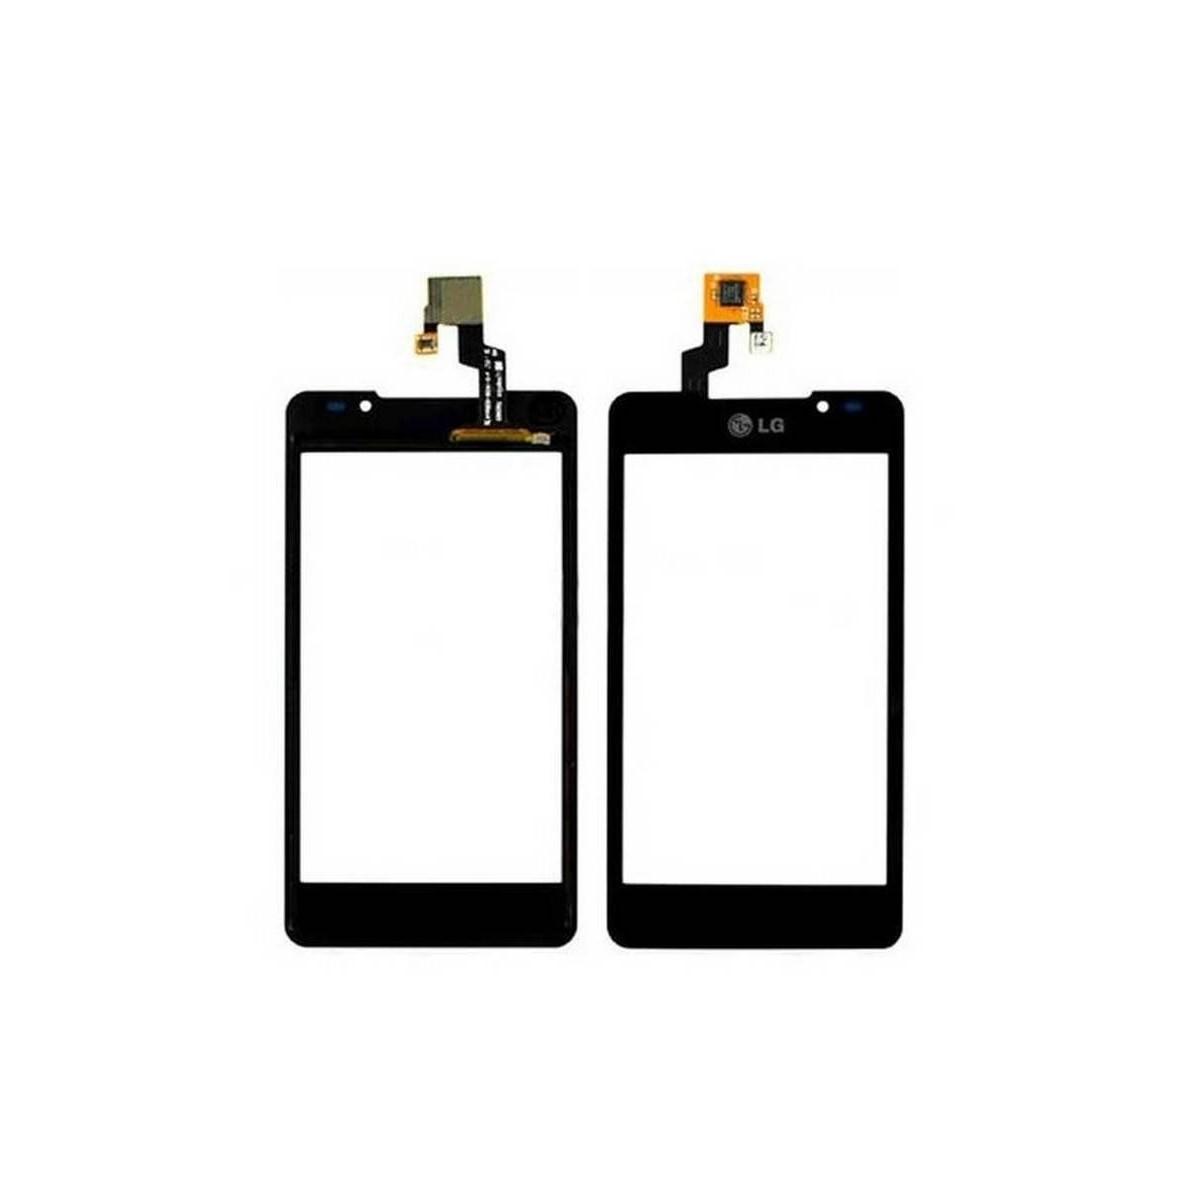 ECRÃ TACTIL de LG P720 Optimus 3D MaX cor preto